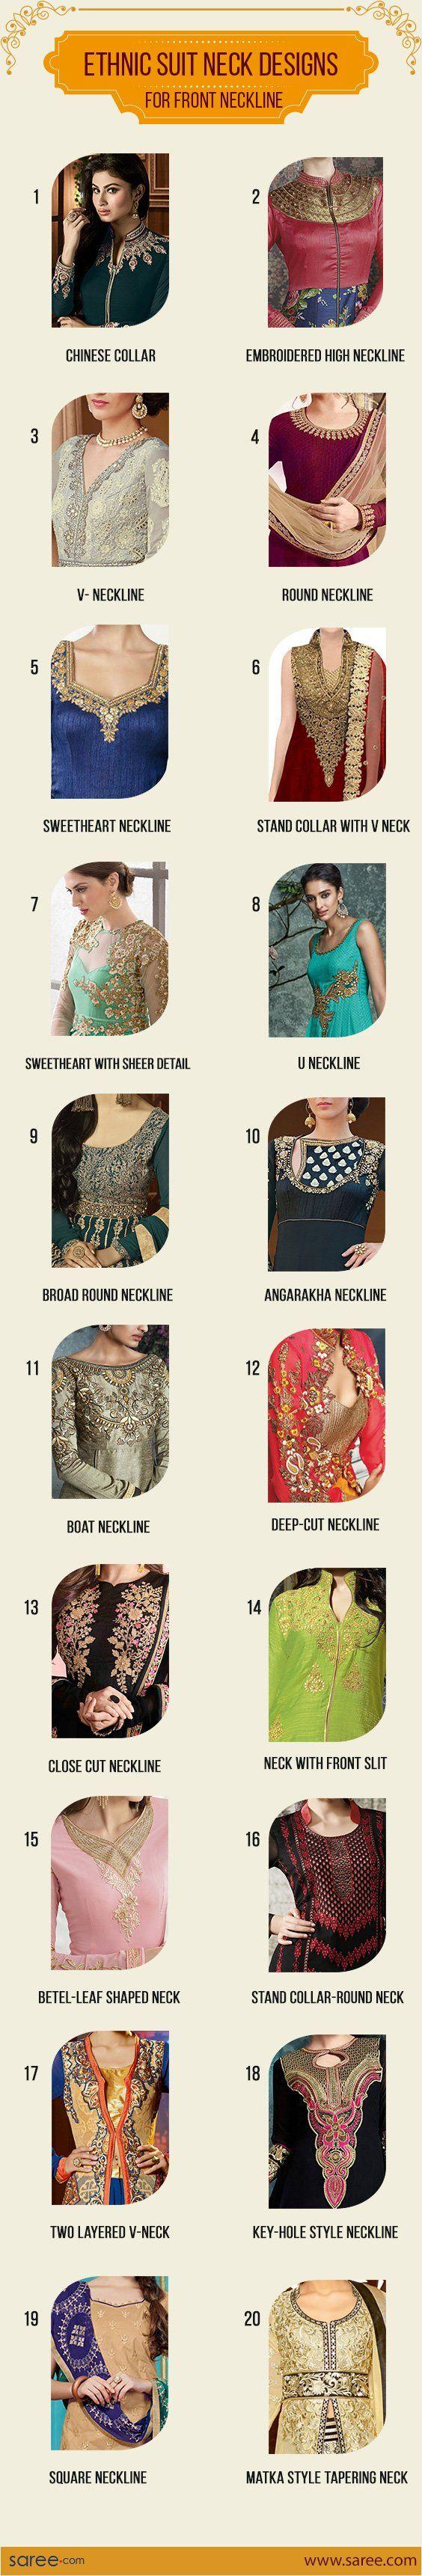 infographic-salwar-suit-neck-designs - saree.com